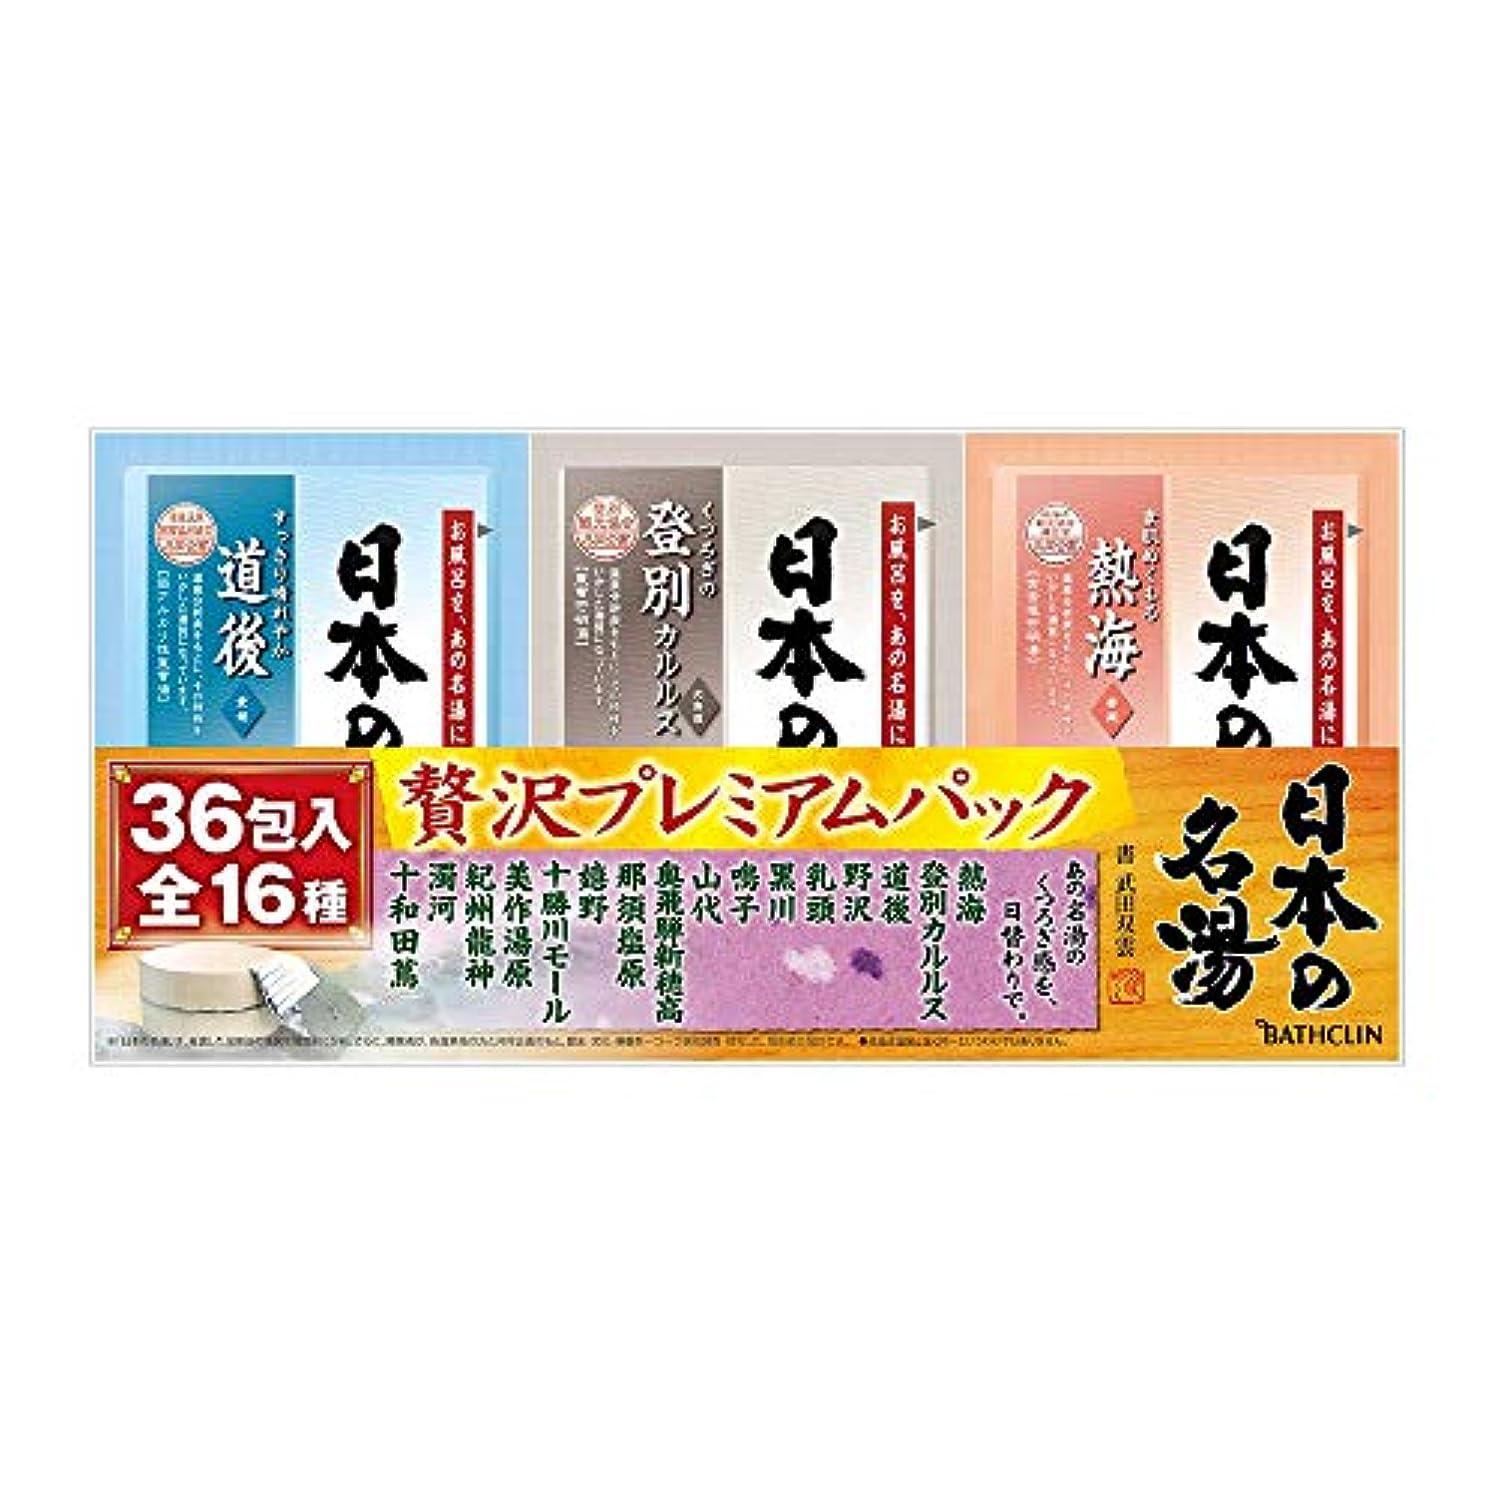 味付け浸した熟読【医薬部外品/大容量】日本の名湯入浴剤 贅沢プレミアムパック36包入 個包装 詰め合わせ 温泉タイプ